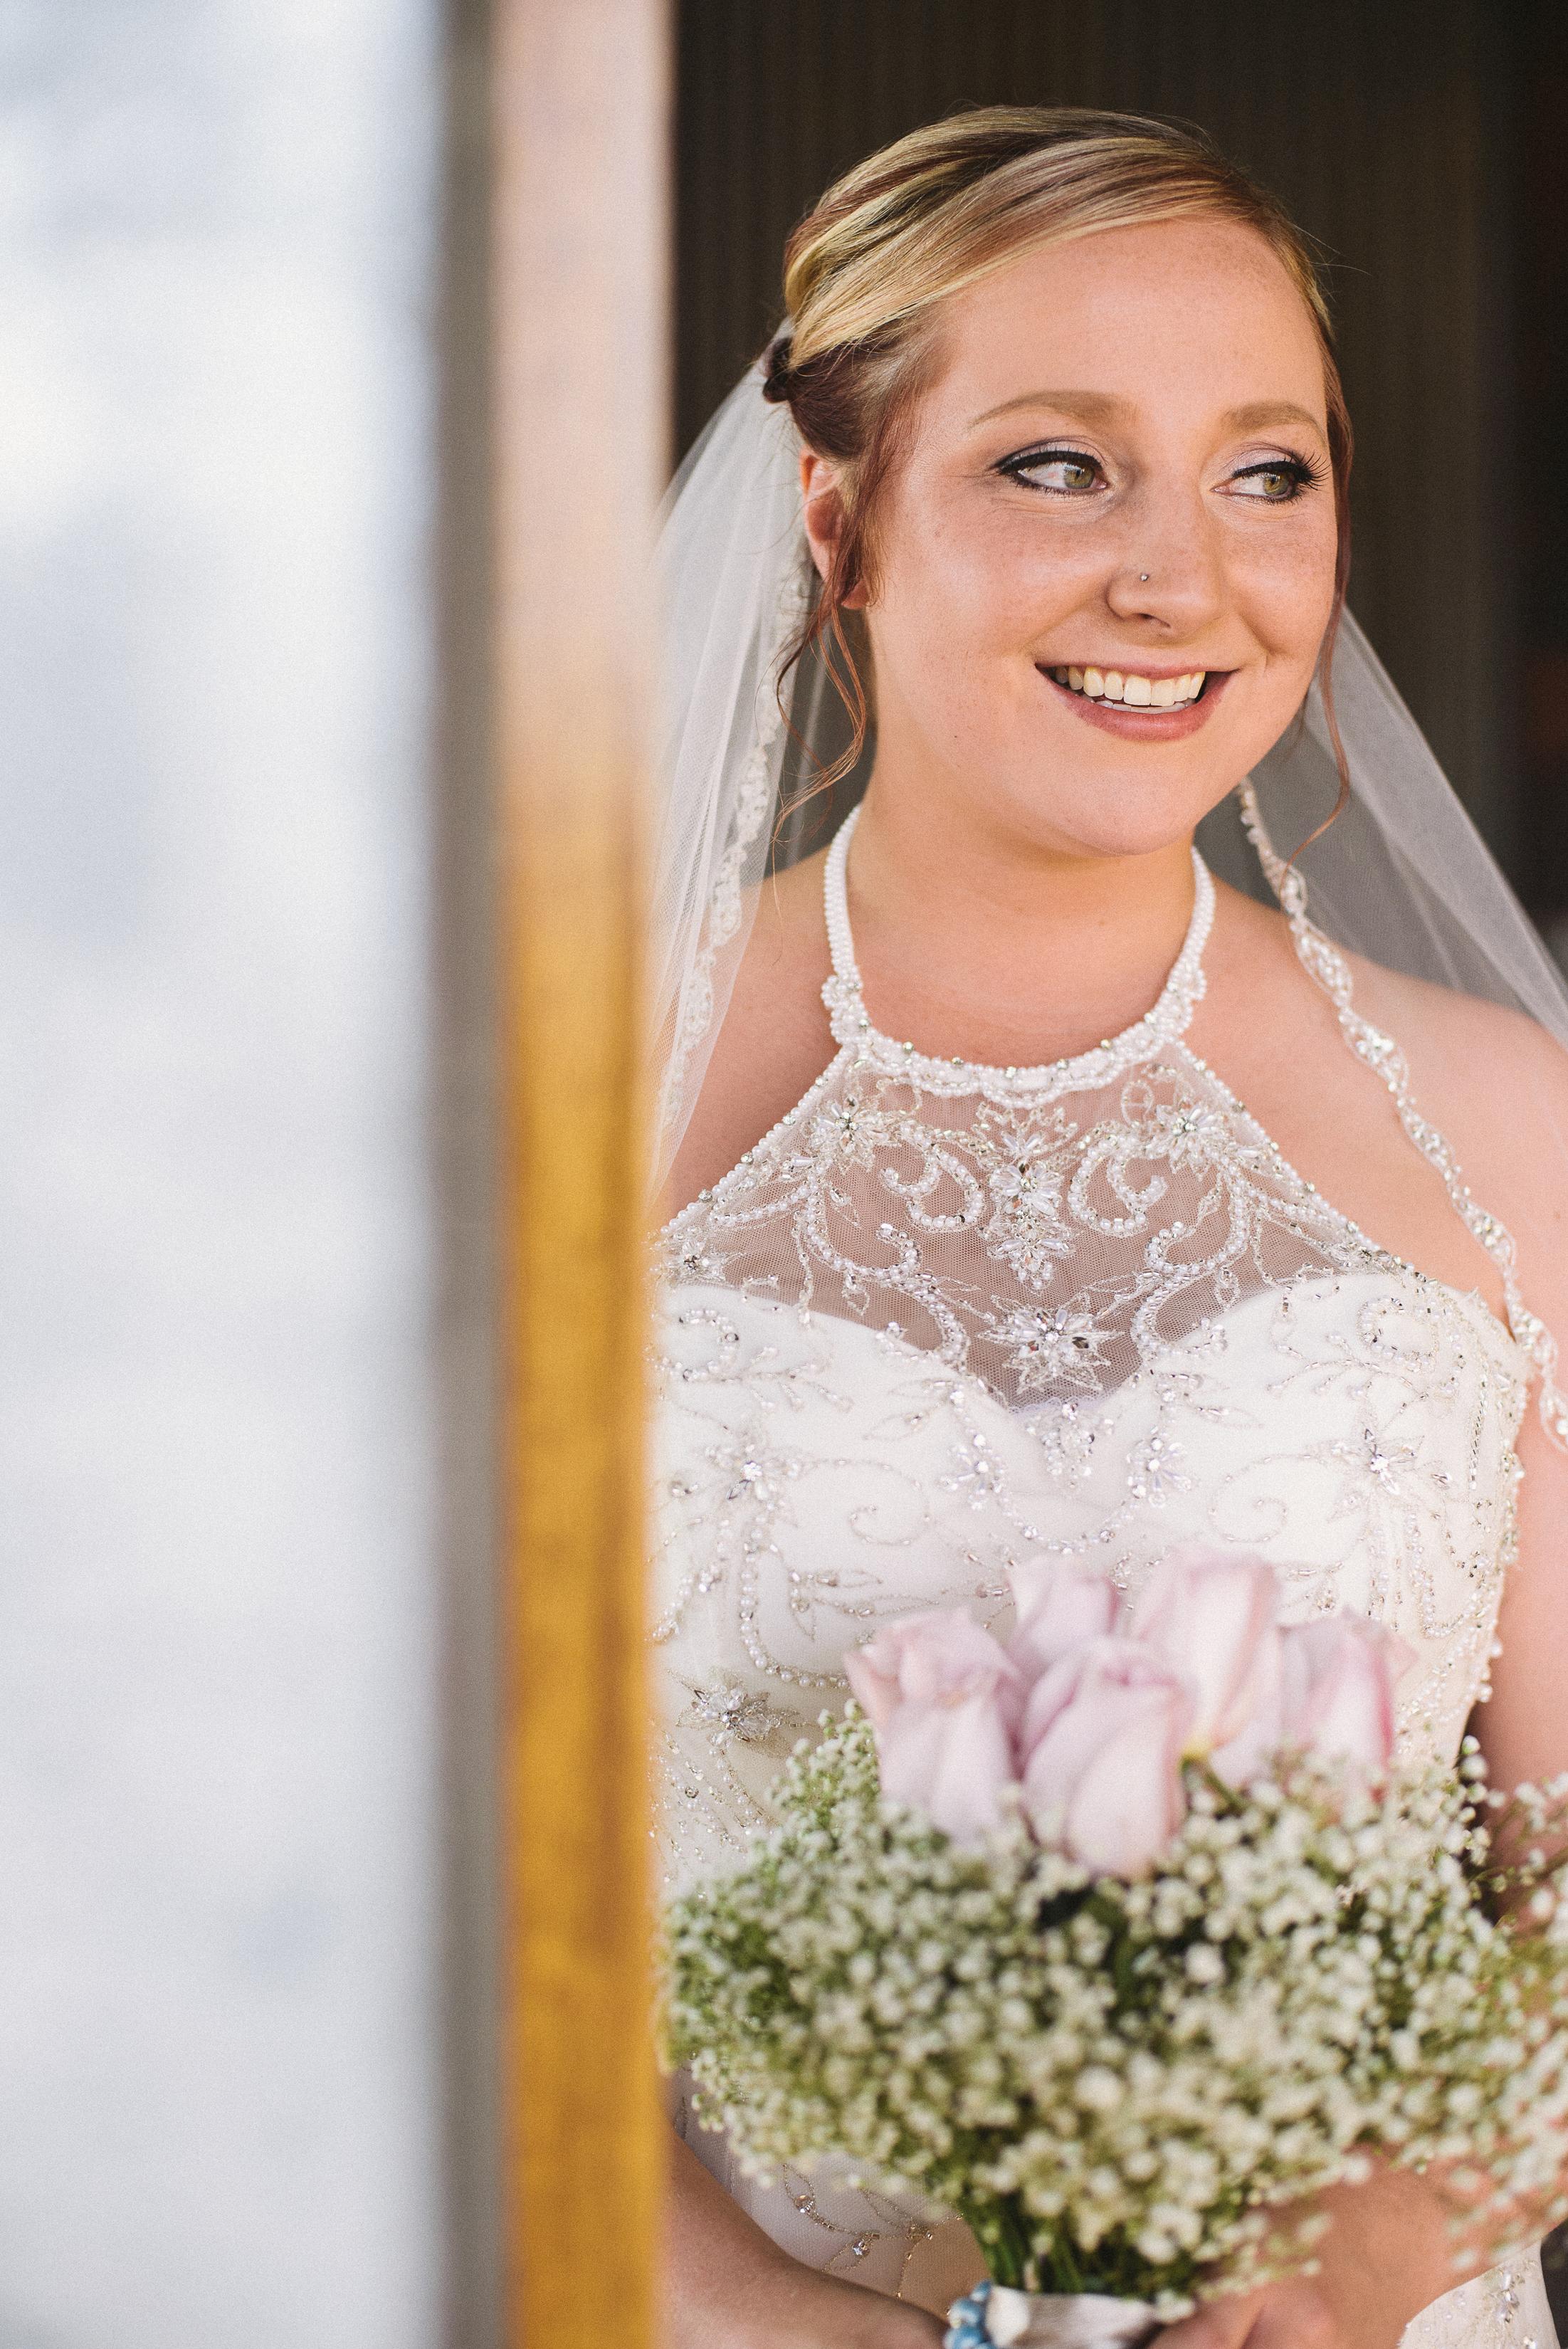 AkersKing_wedding-308 copy.jpg